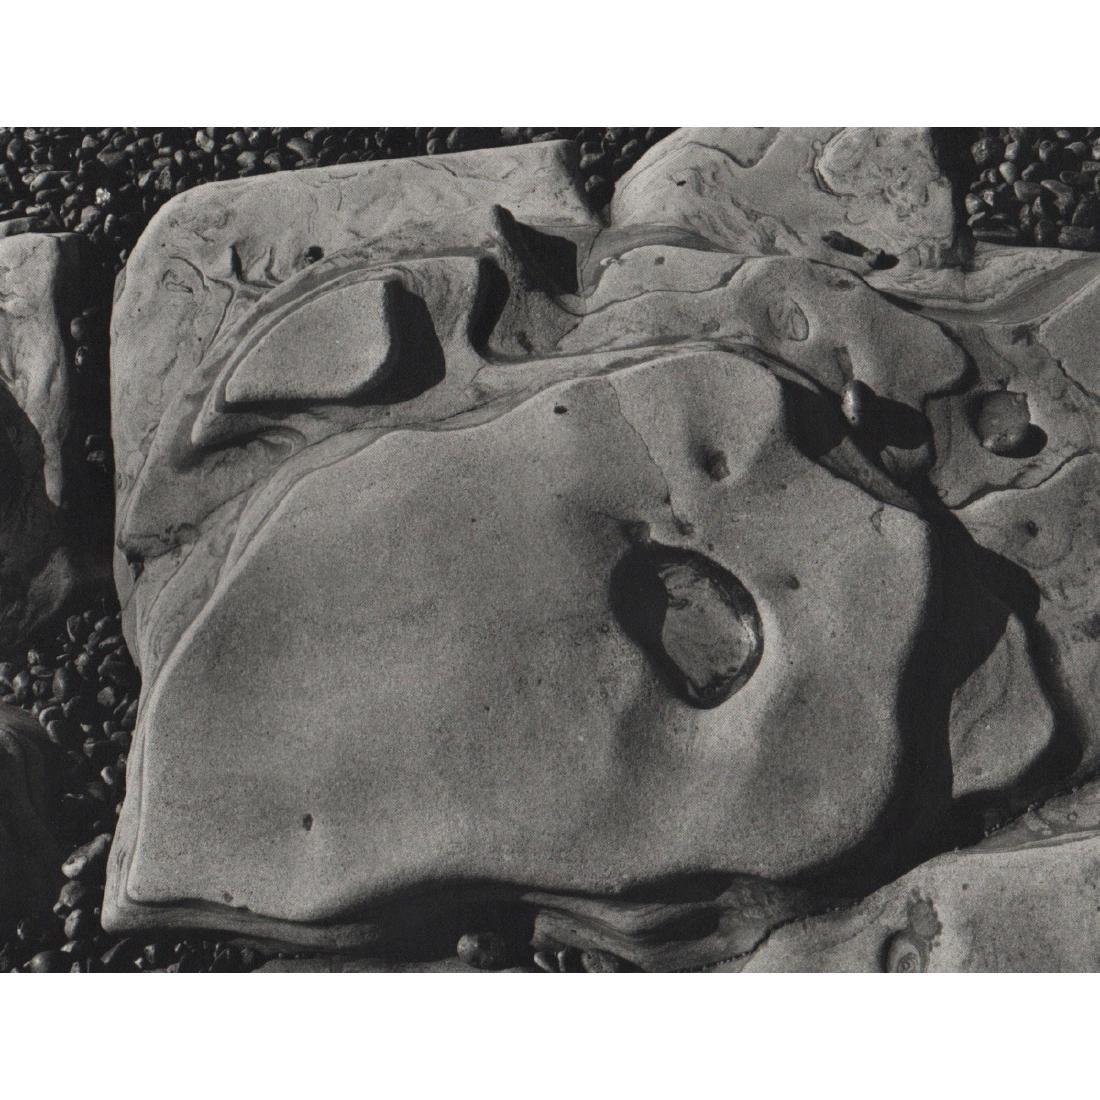 EDWARD WESTON - Point Lobos, 1930